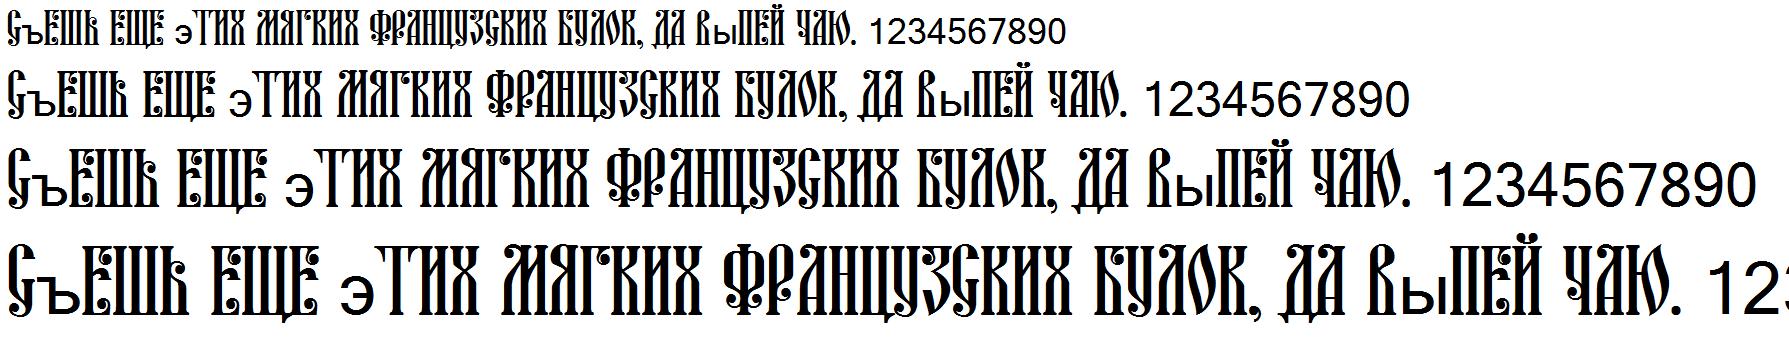 Шрифт Ancient Kyiv Скачать